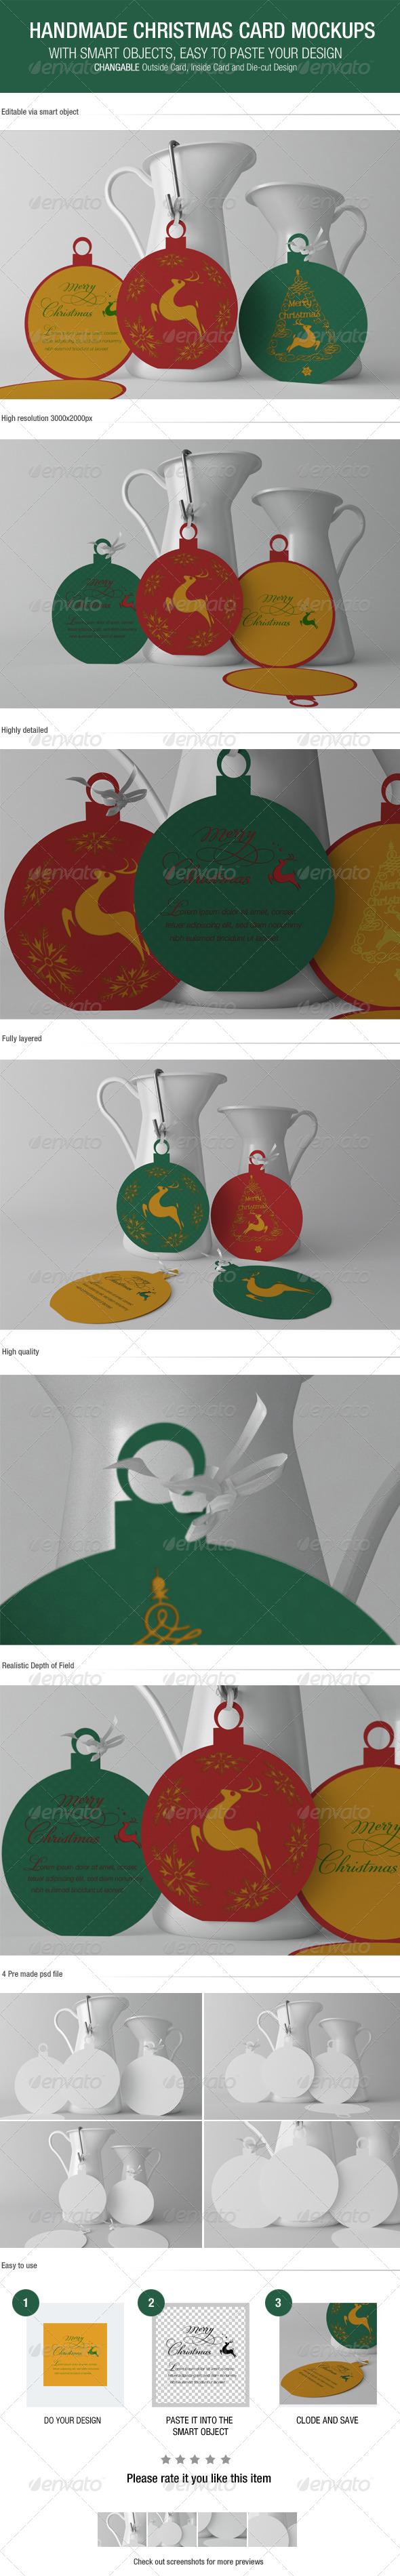 GraphicRiver Christmas Handmade Card Mockups 6156700